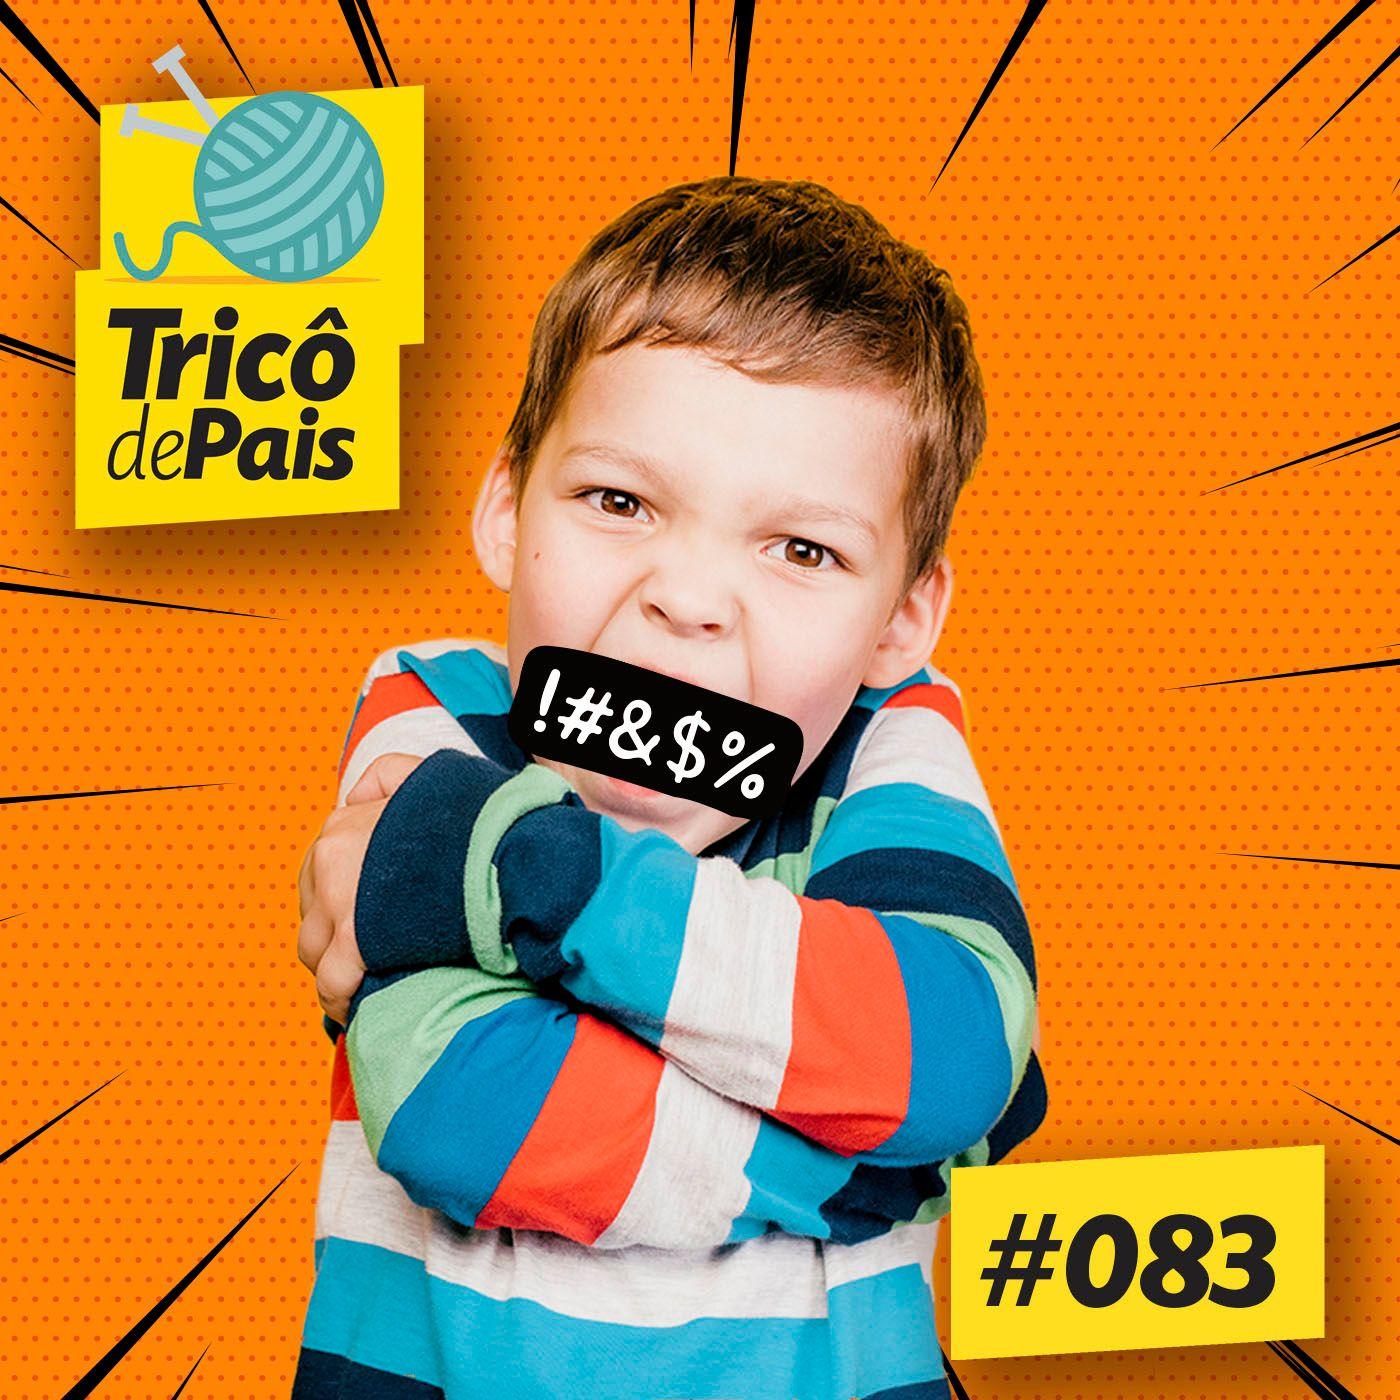 #083 - Palavrão, Internet e os Cuspes pro Alto feat. Rita Lisauskas